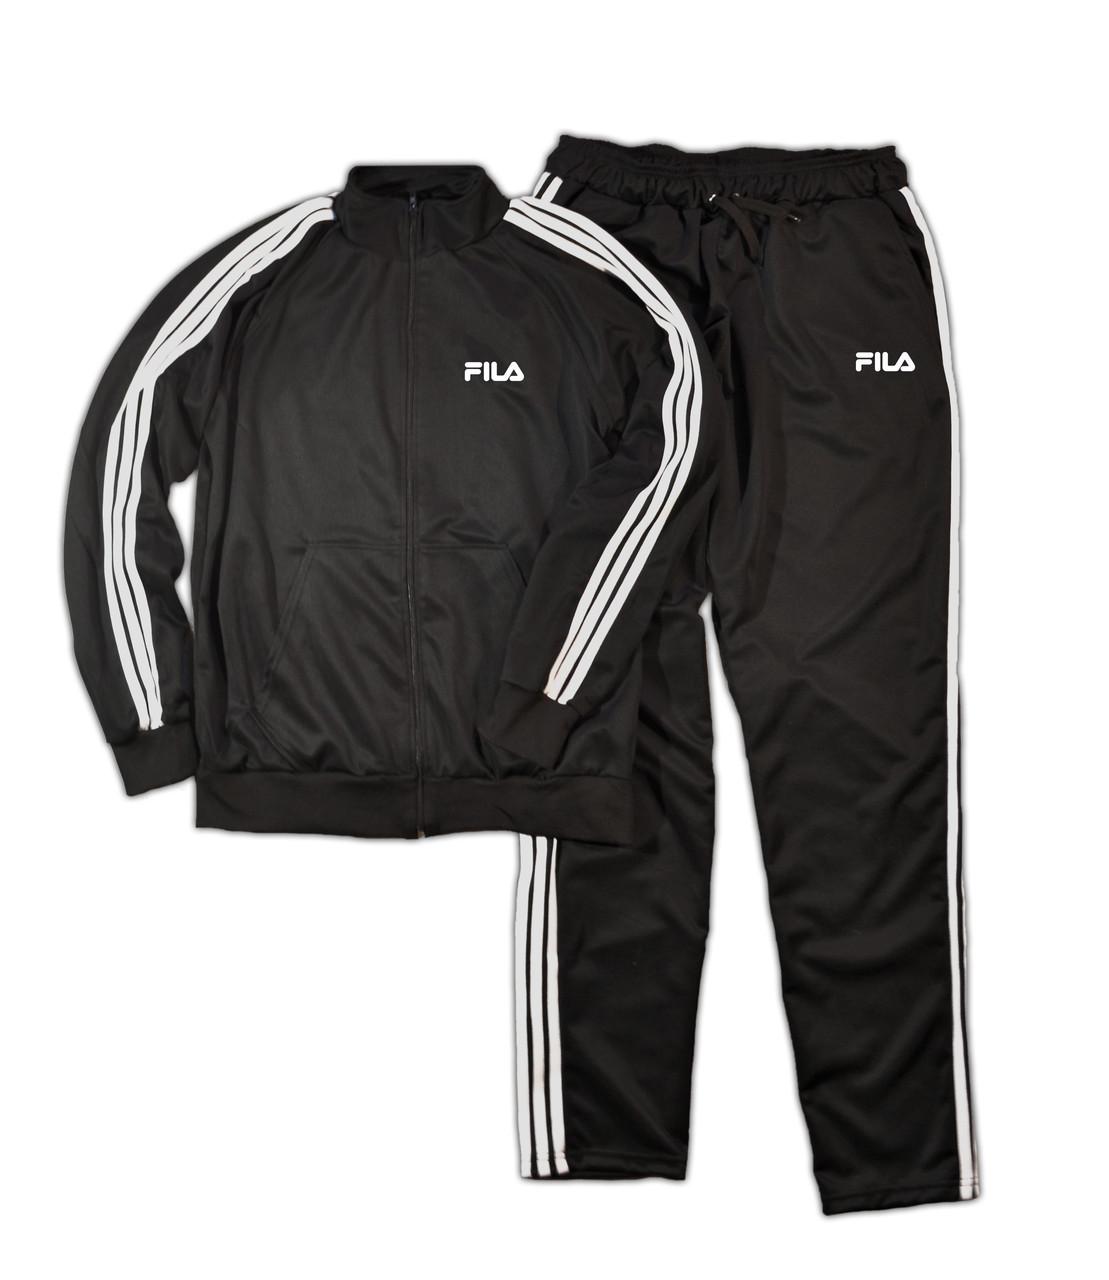 Повседневный Спортивный костюм Fila (Фила)